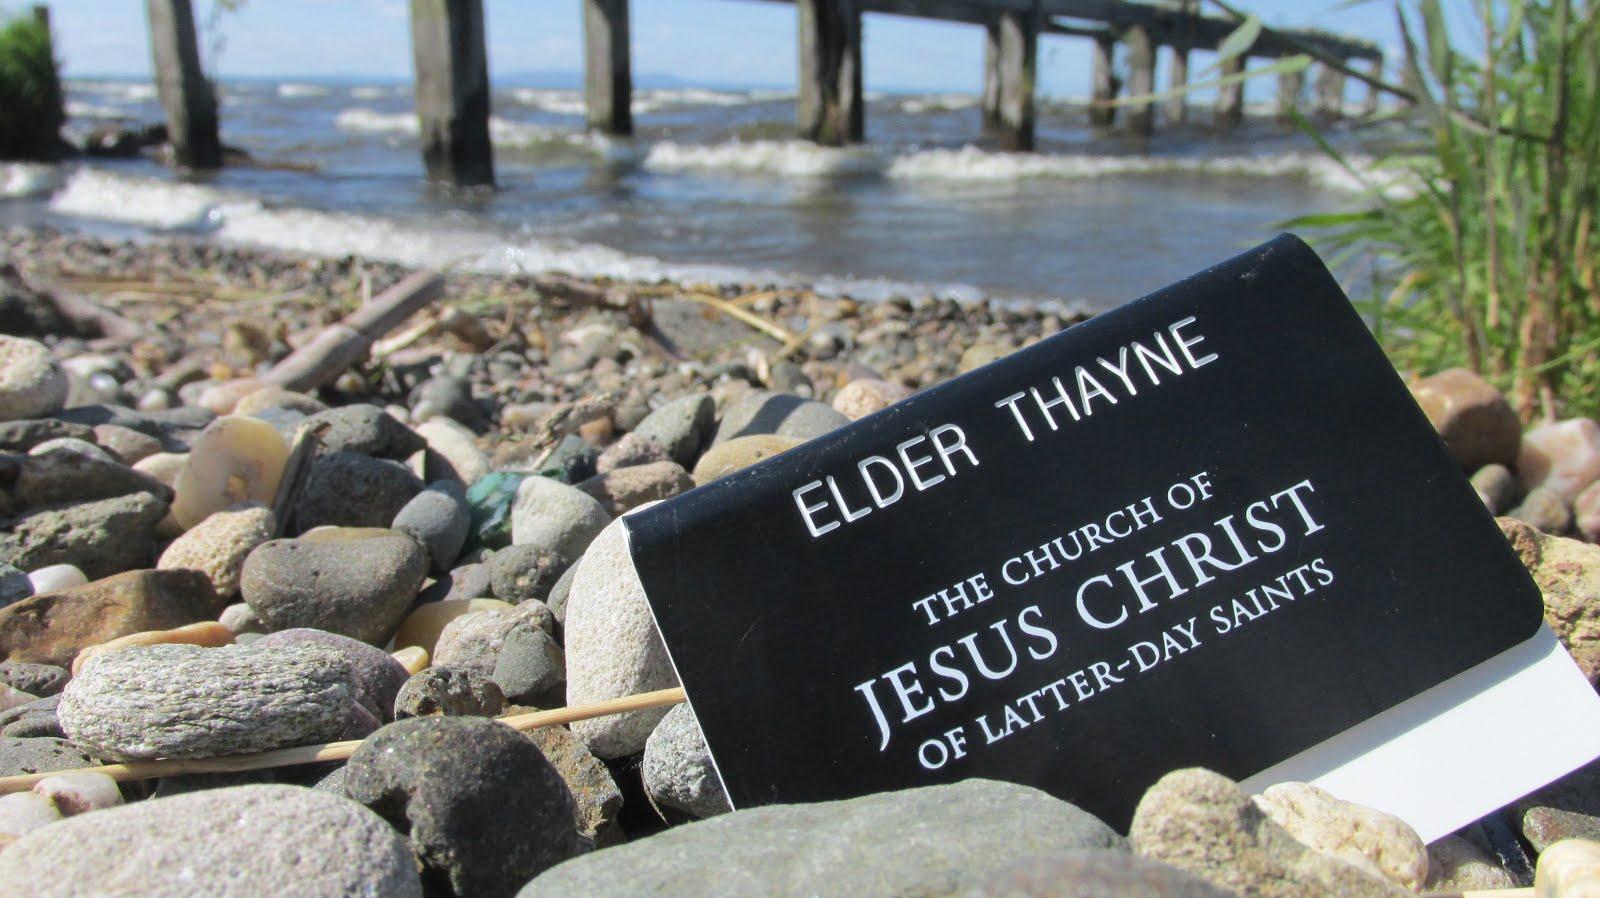 Elder Thayne